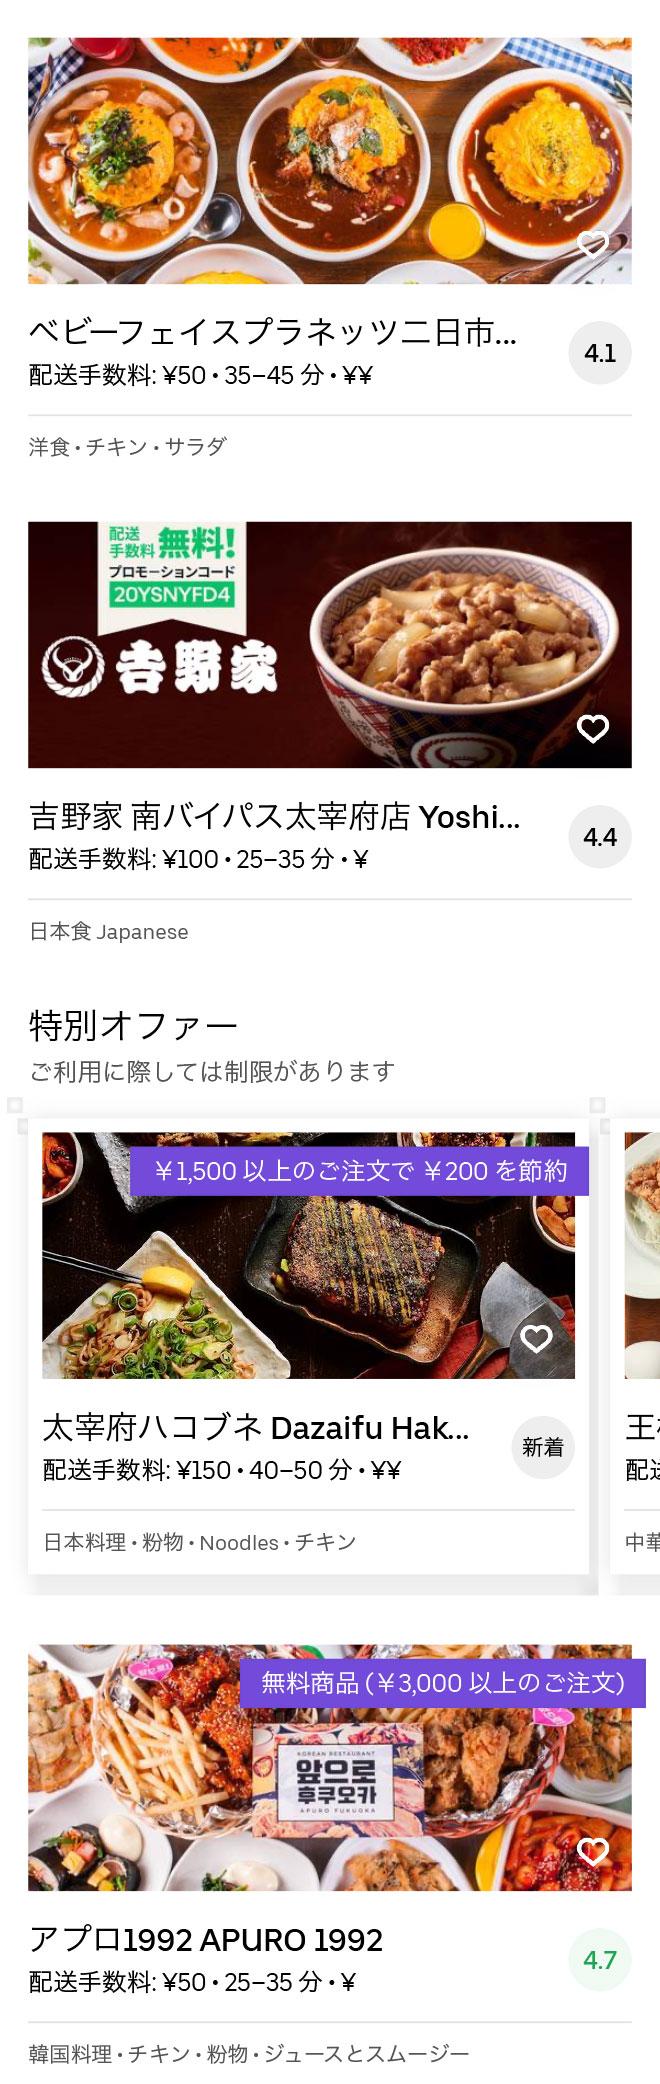 Chikushino futsukaichi menu 2004 02